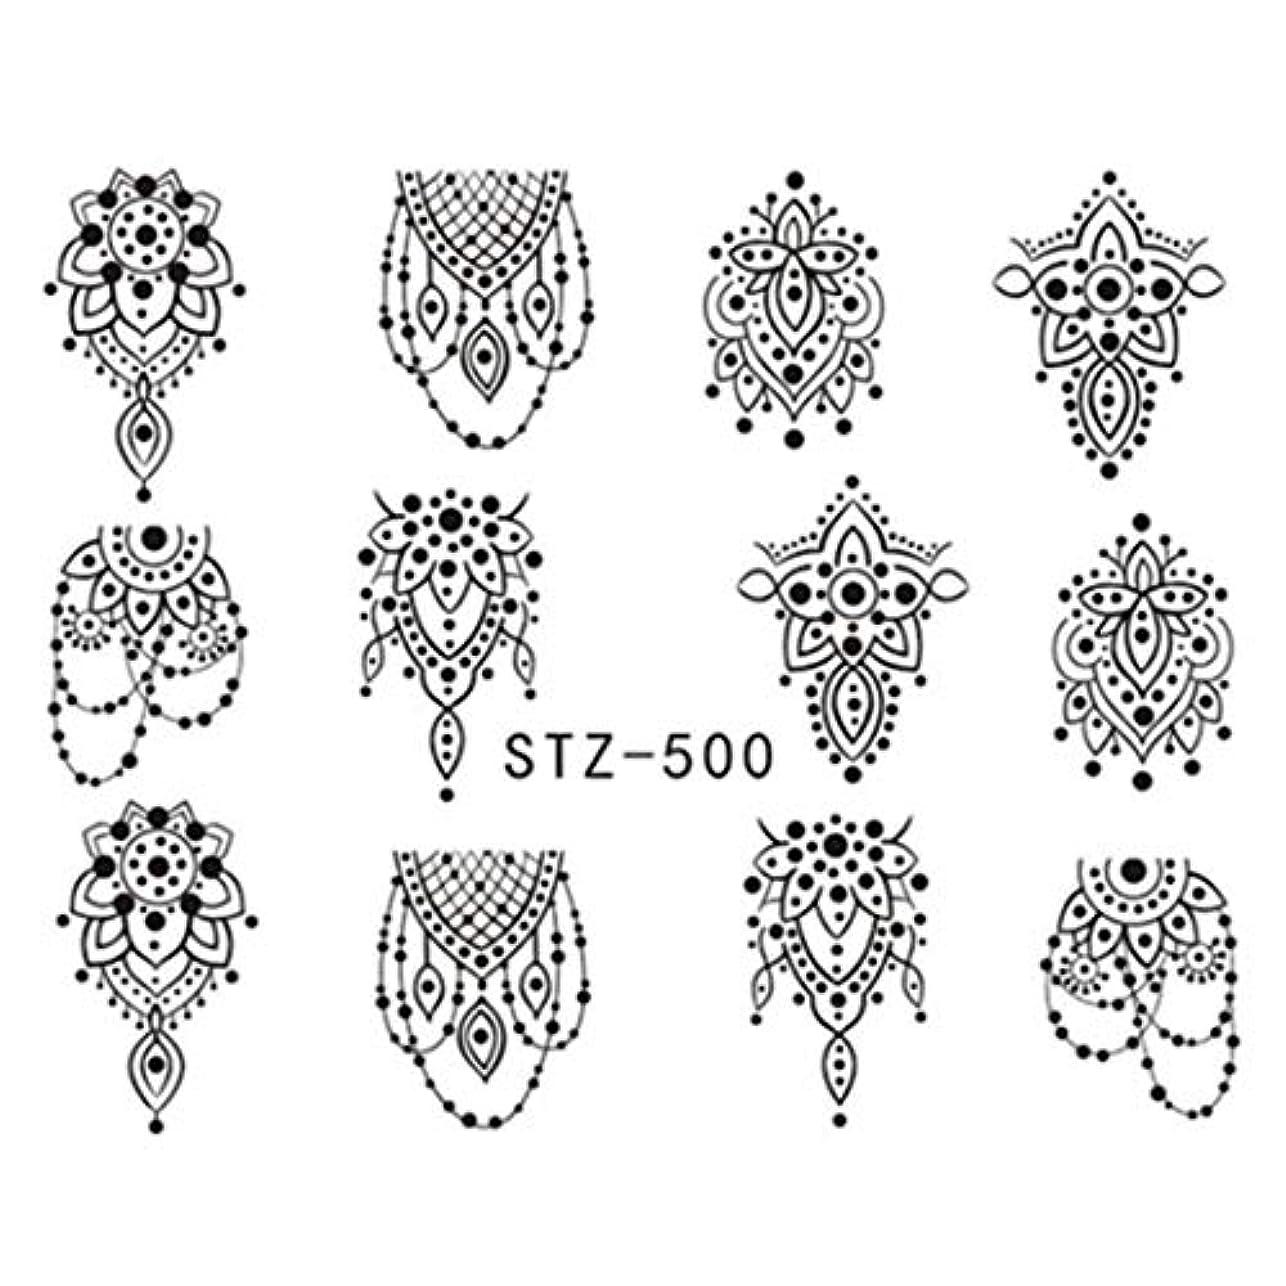 家事をする拷問投票Wadachikis フランスのフランスのアートネックレスの装飾パターンアップリケ(None STZ500)